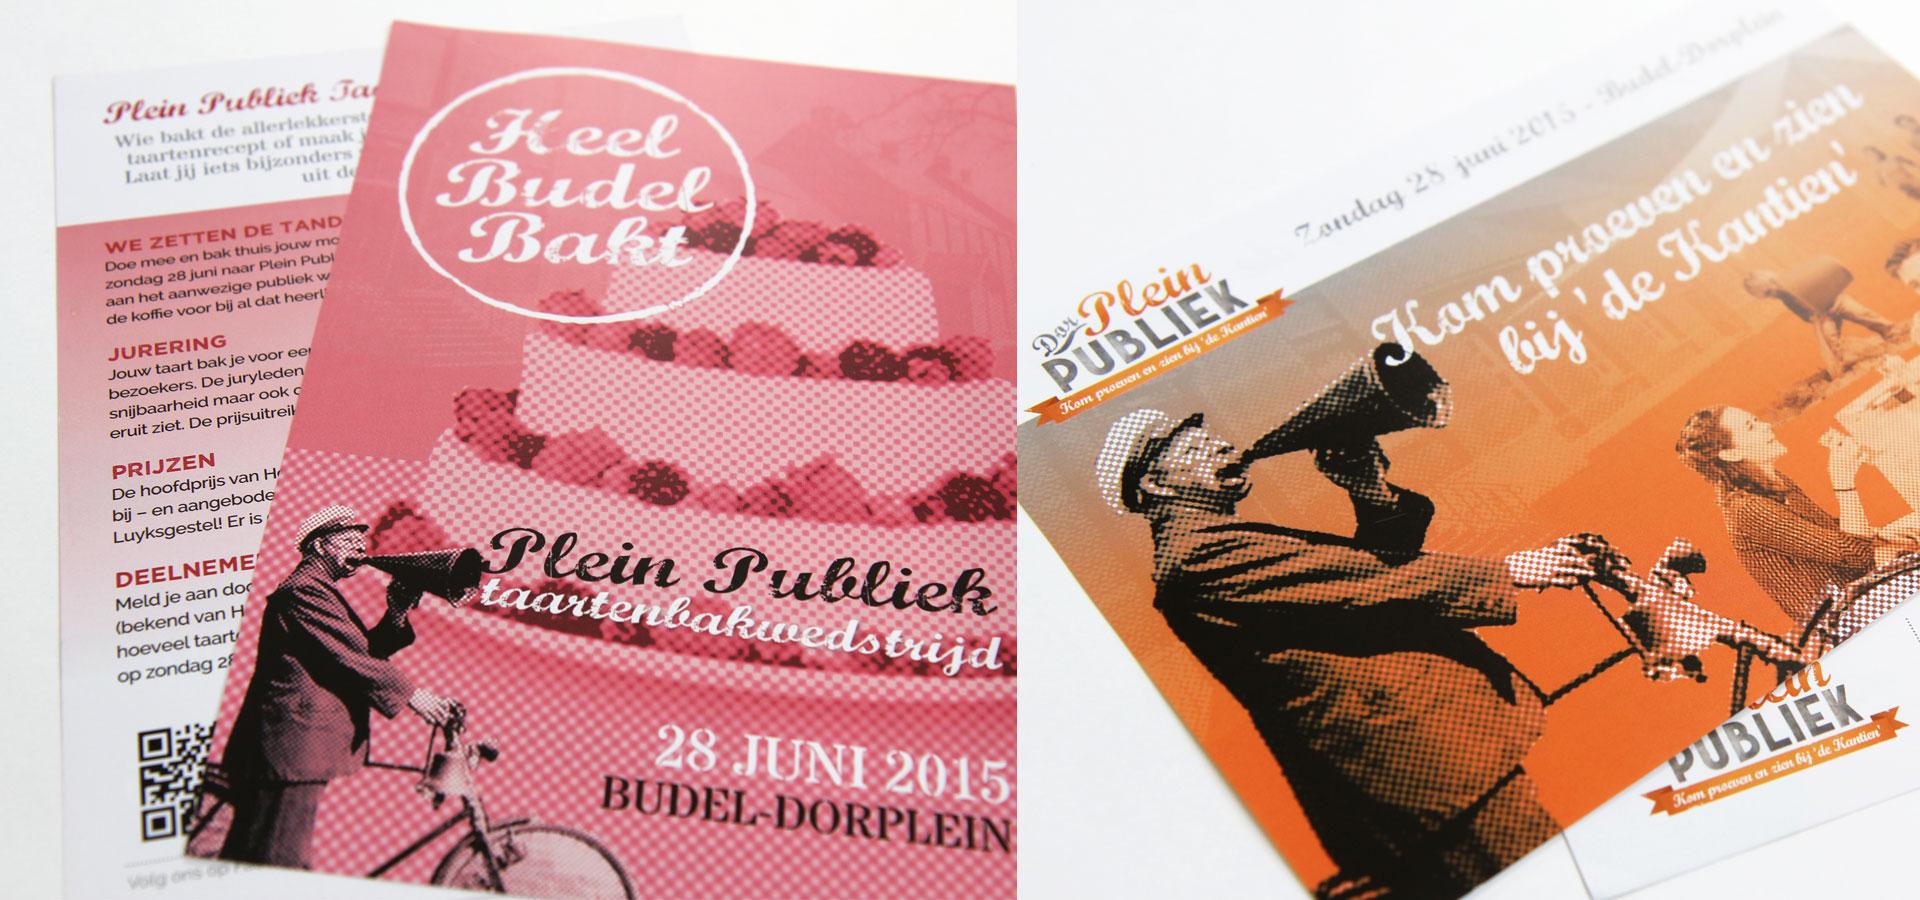 HOOGHTIJ_Plein-Publiek_flyers